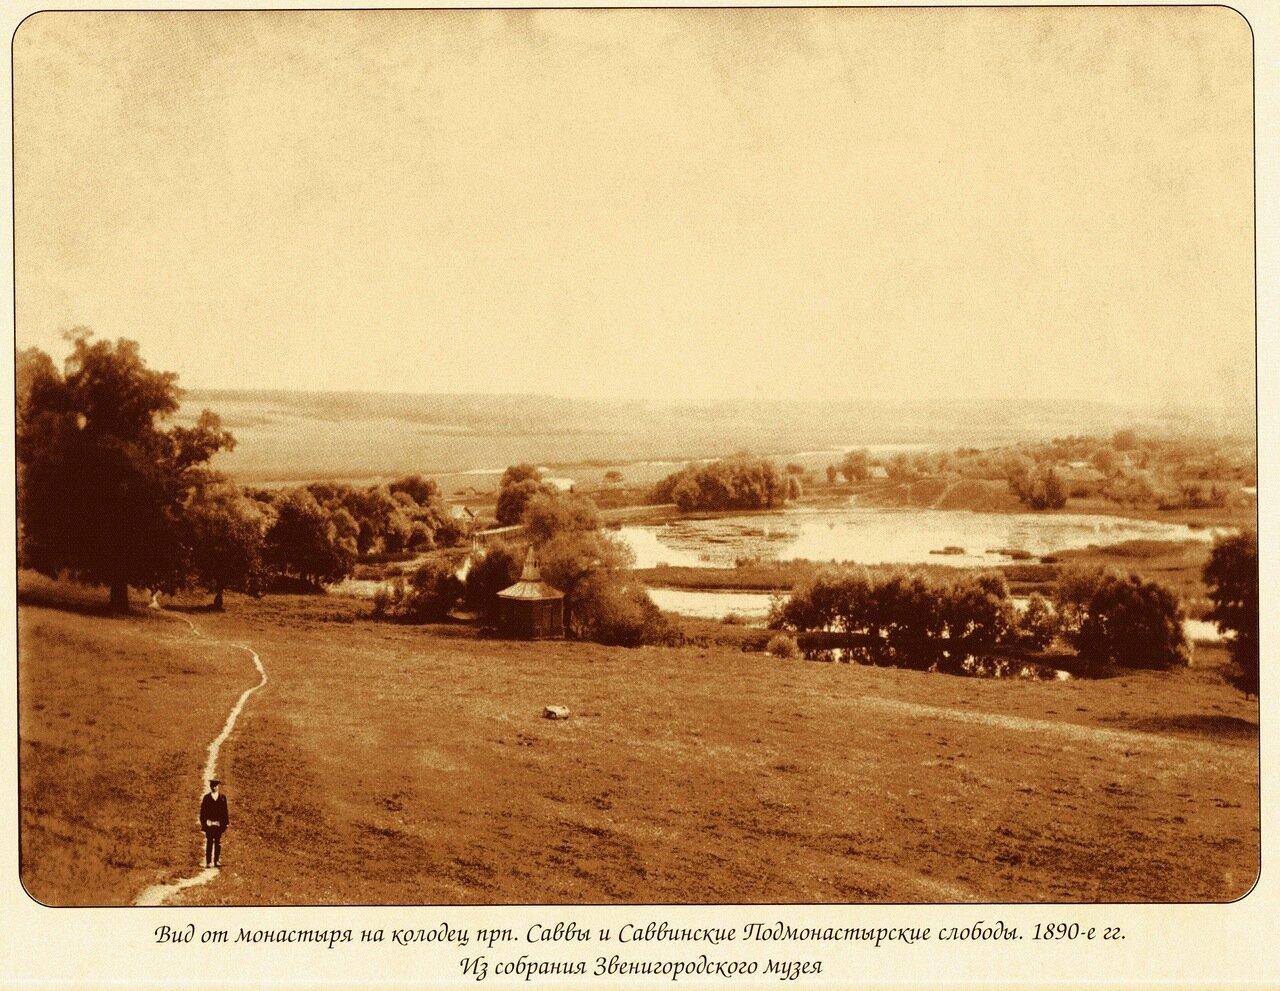 Вид от монастыря на колодец прп. Саввы и Саввинские Подмонастырские слободы. 1890-е